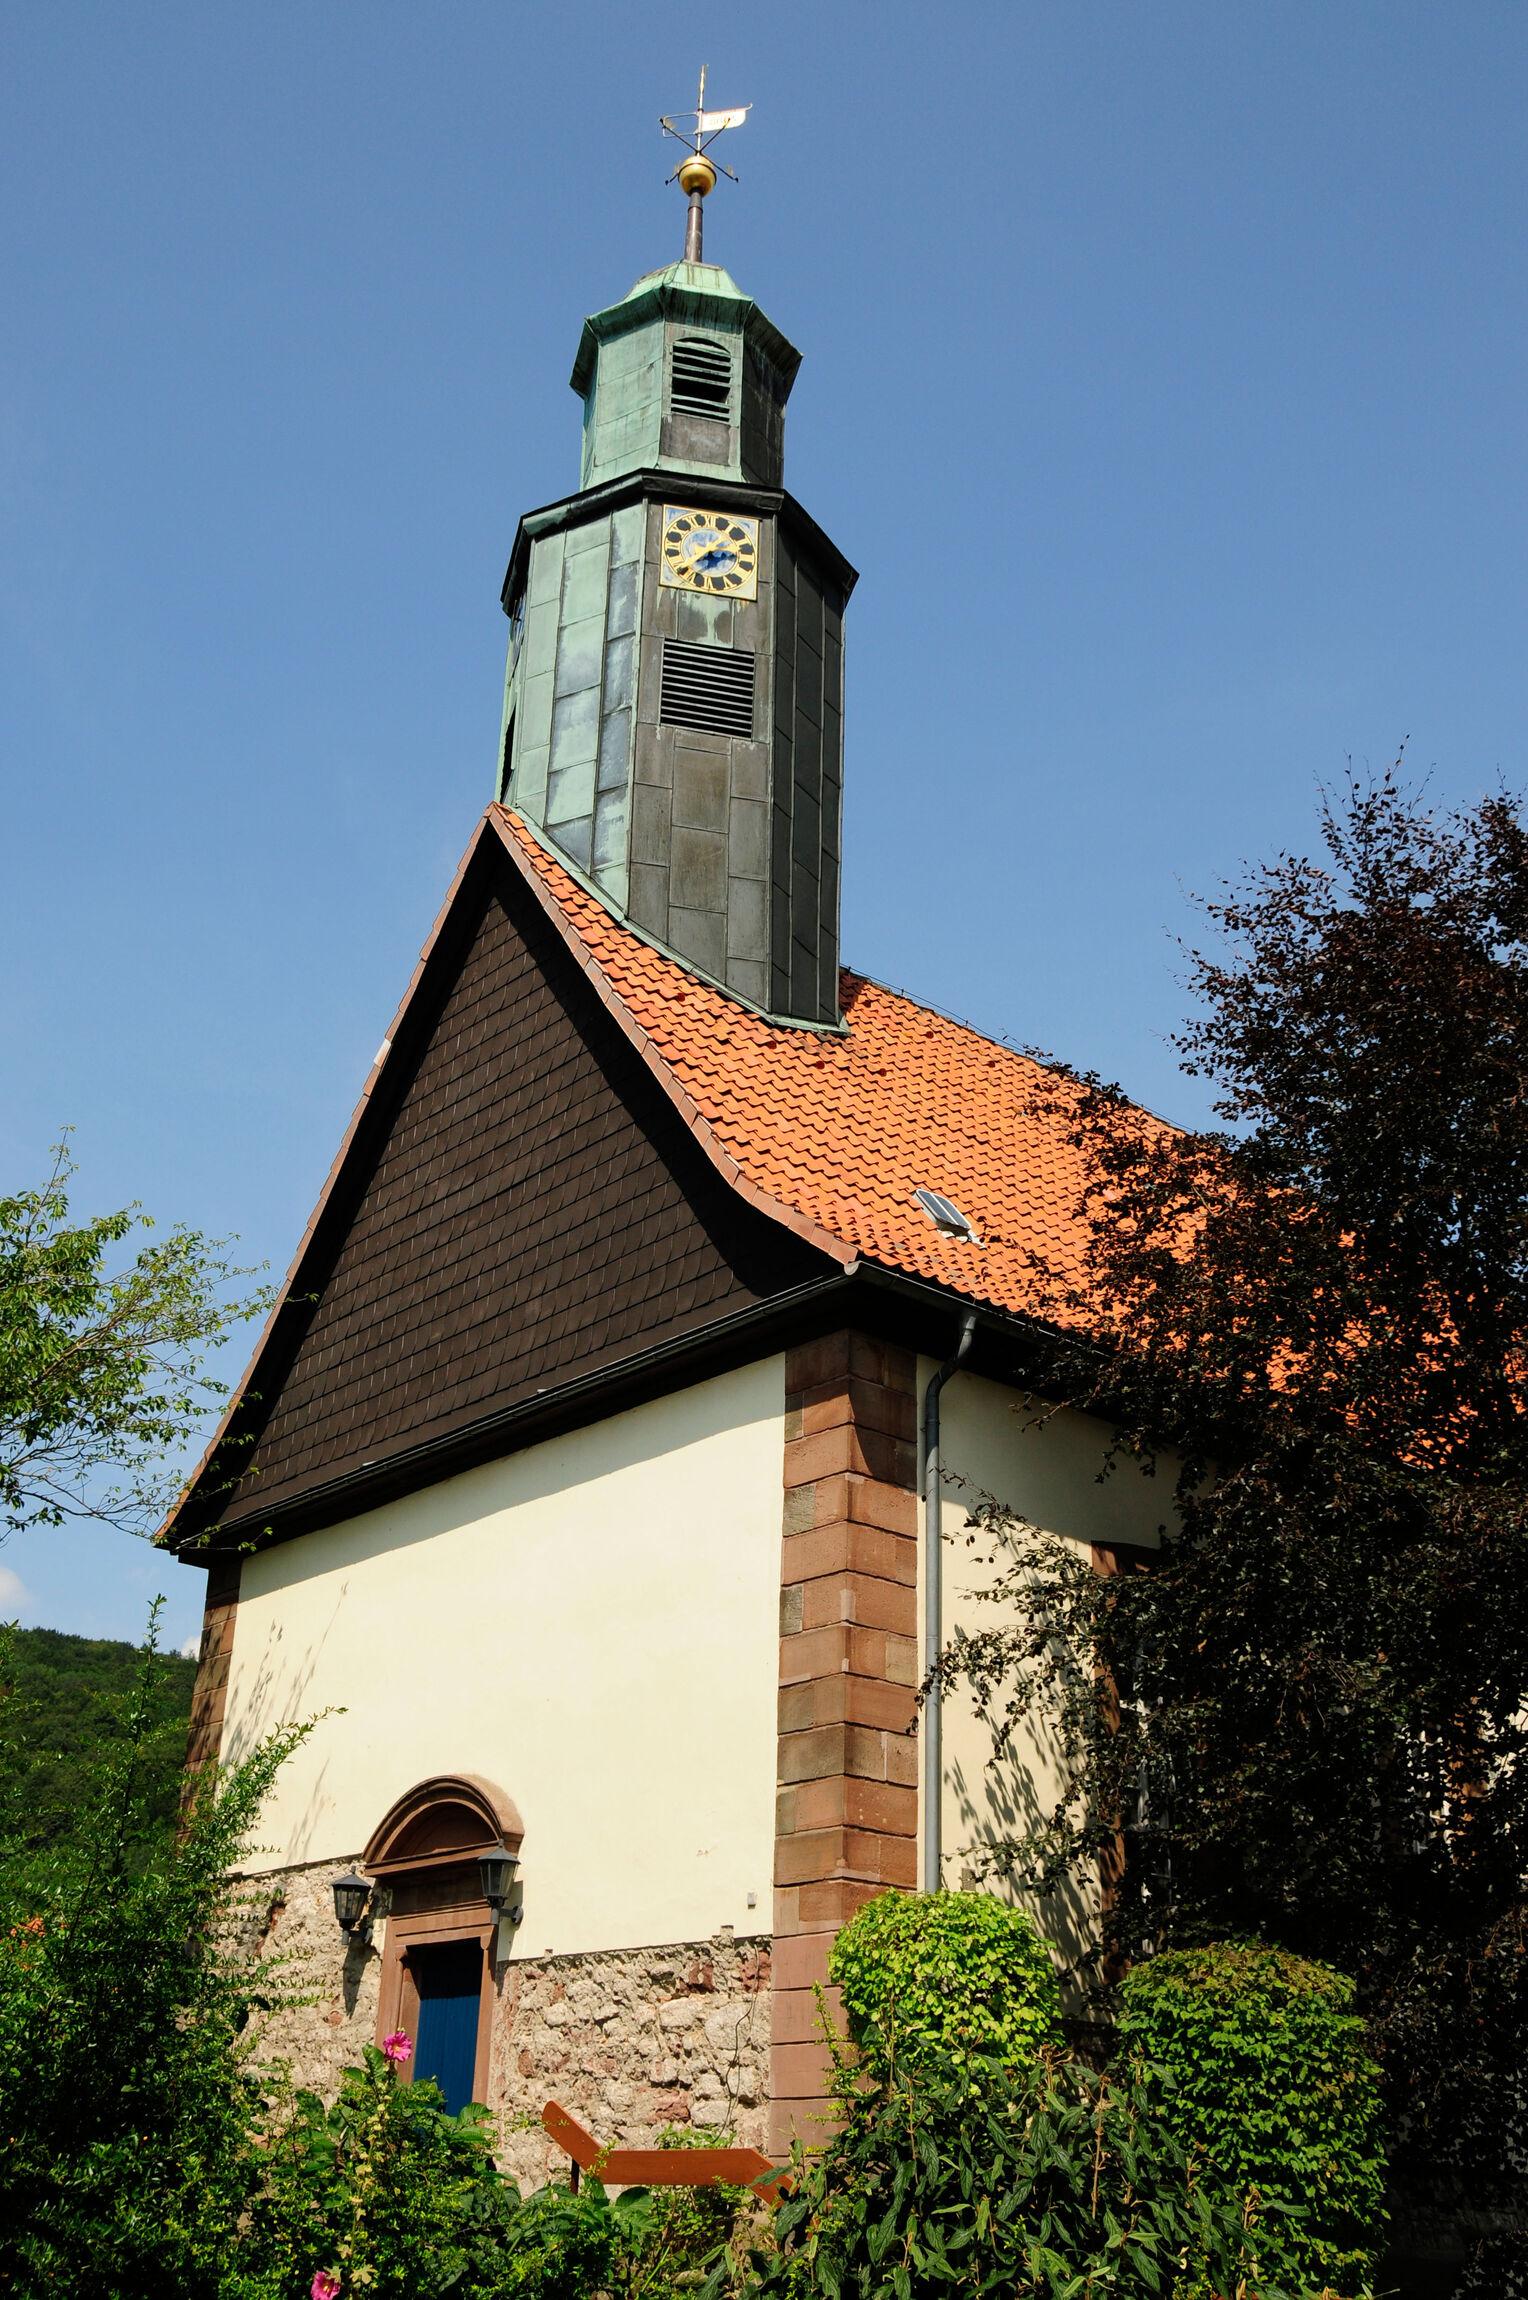 Kirche außen Hochformat